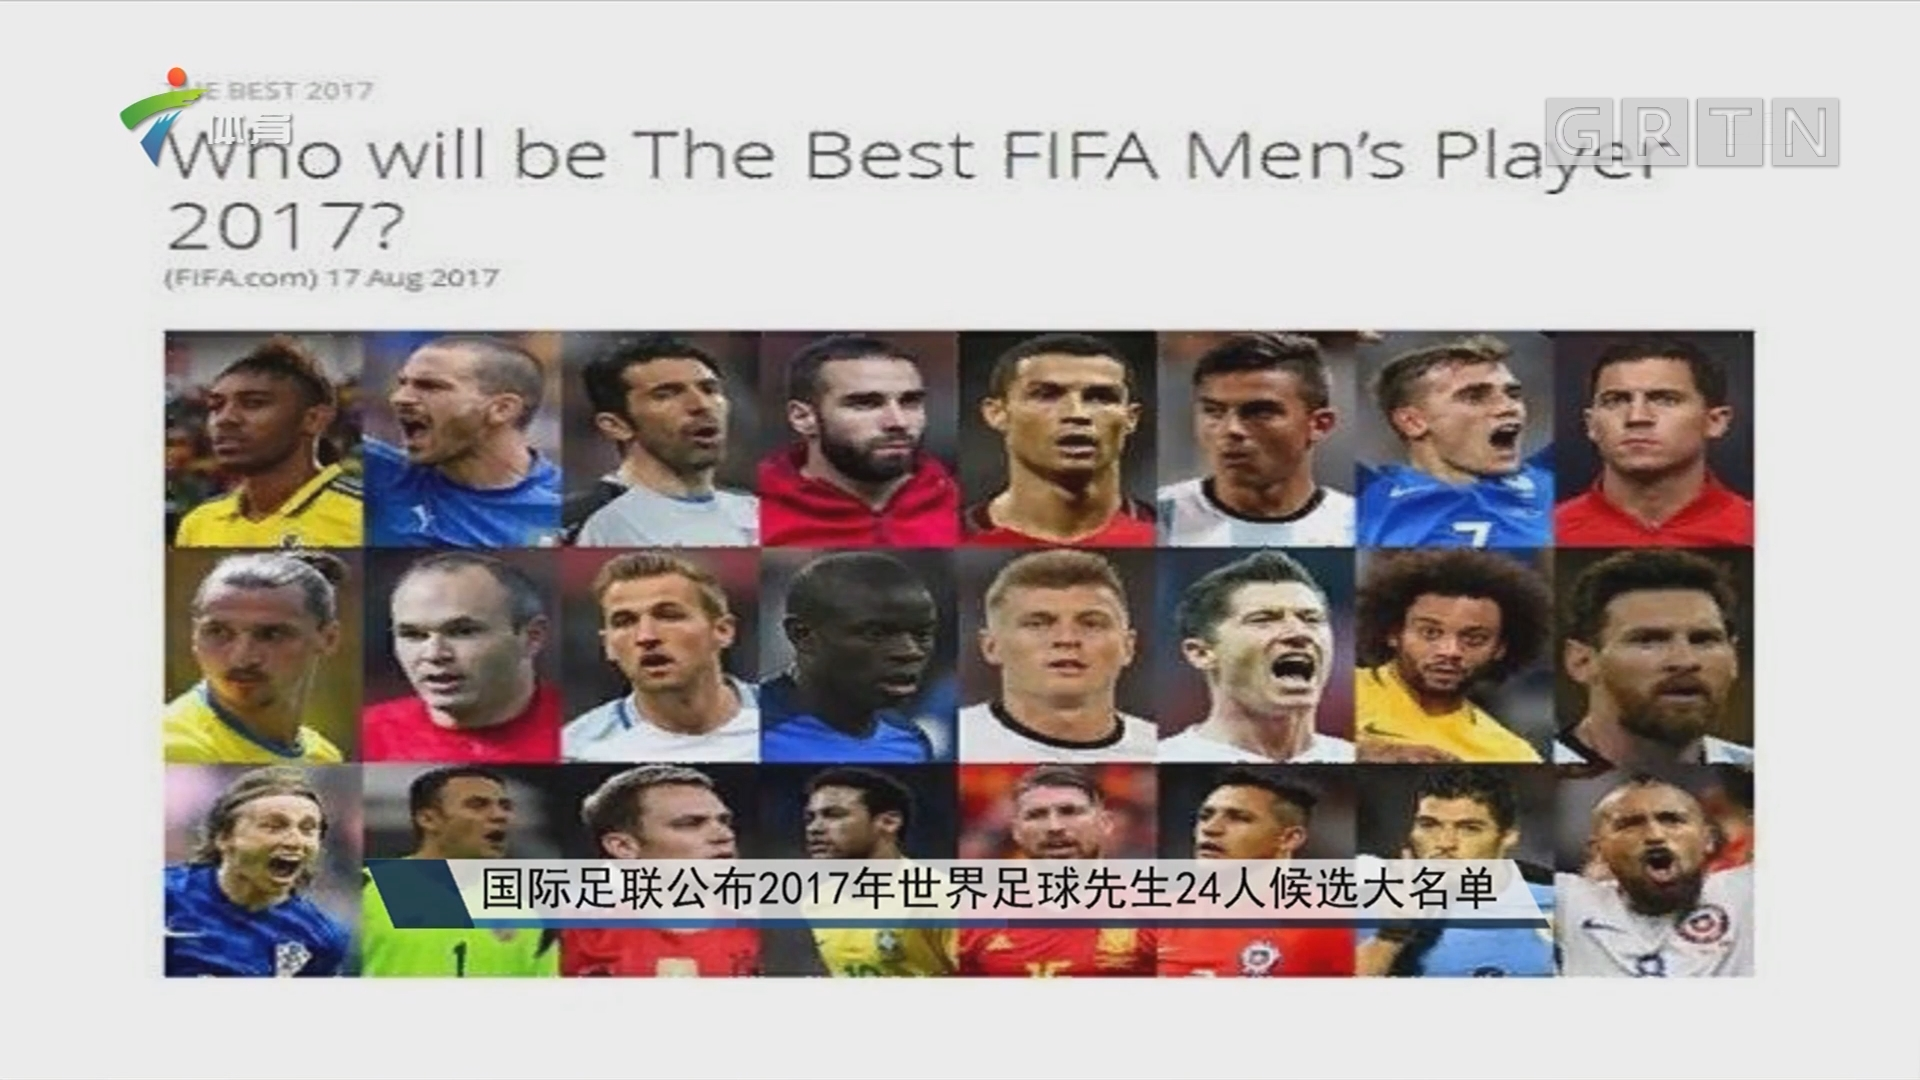 国际足联公布2017年世界足球先生24人候选大名单